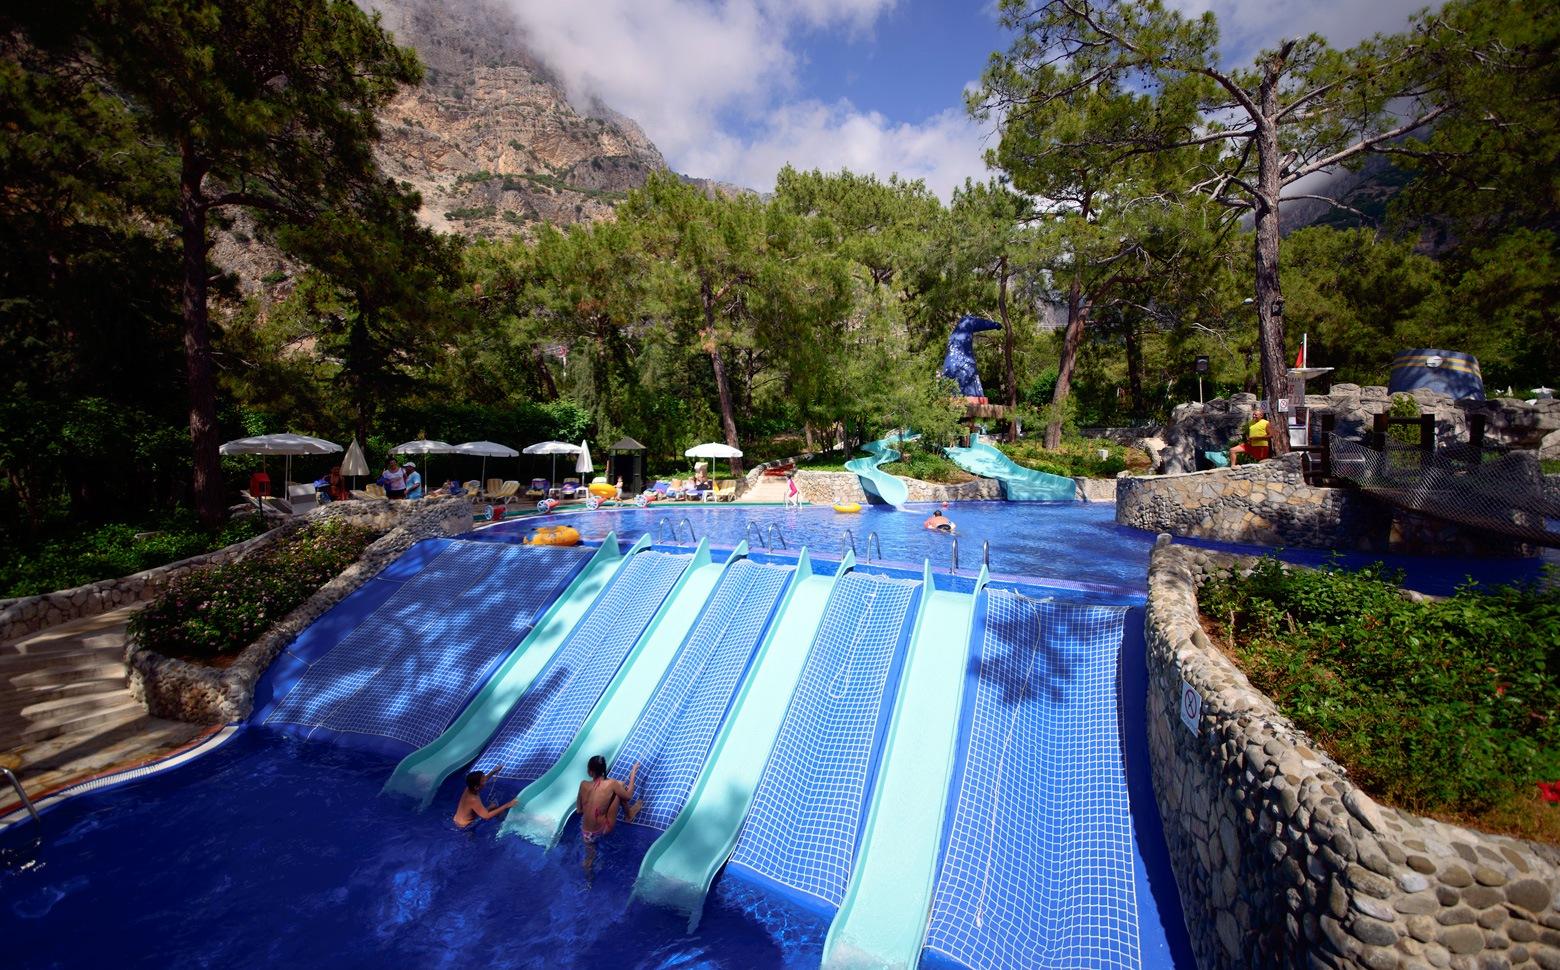 Фото. Liberty Hotels LykiaHV1/5*. Лучшие отели Турции для отдыха с детьми от Tours & Tickets